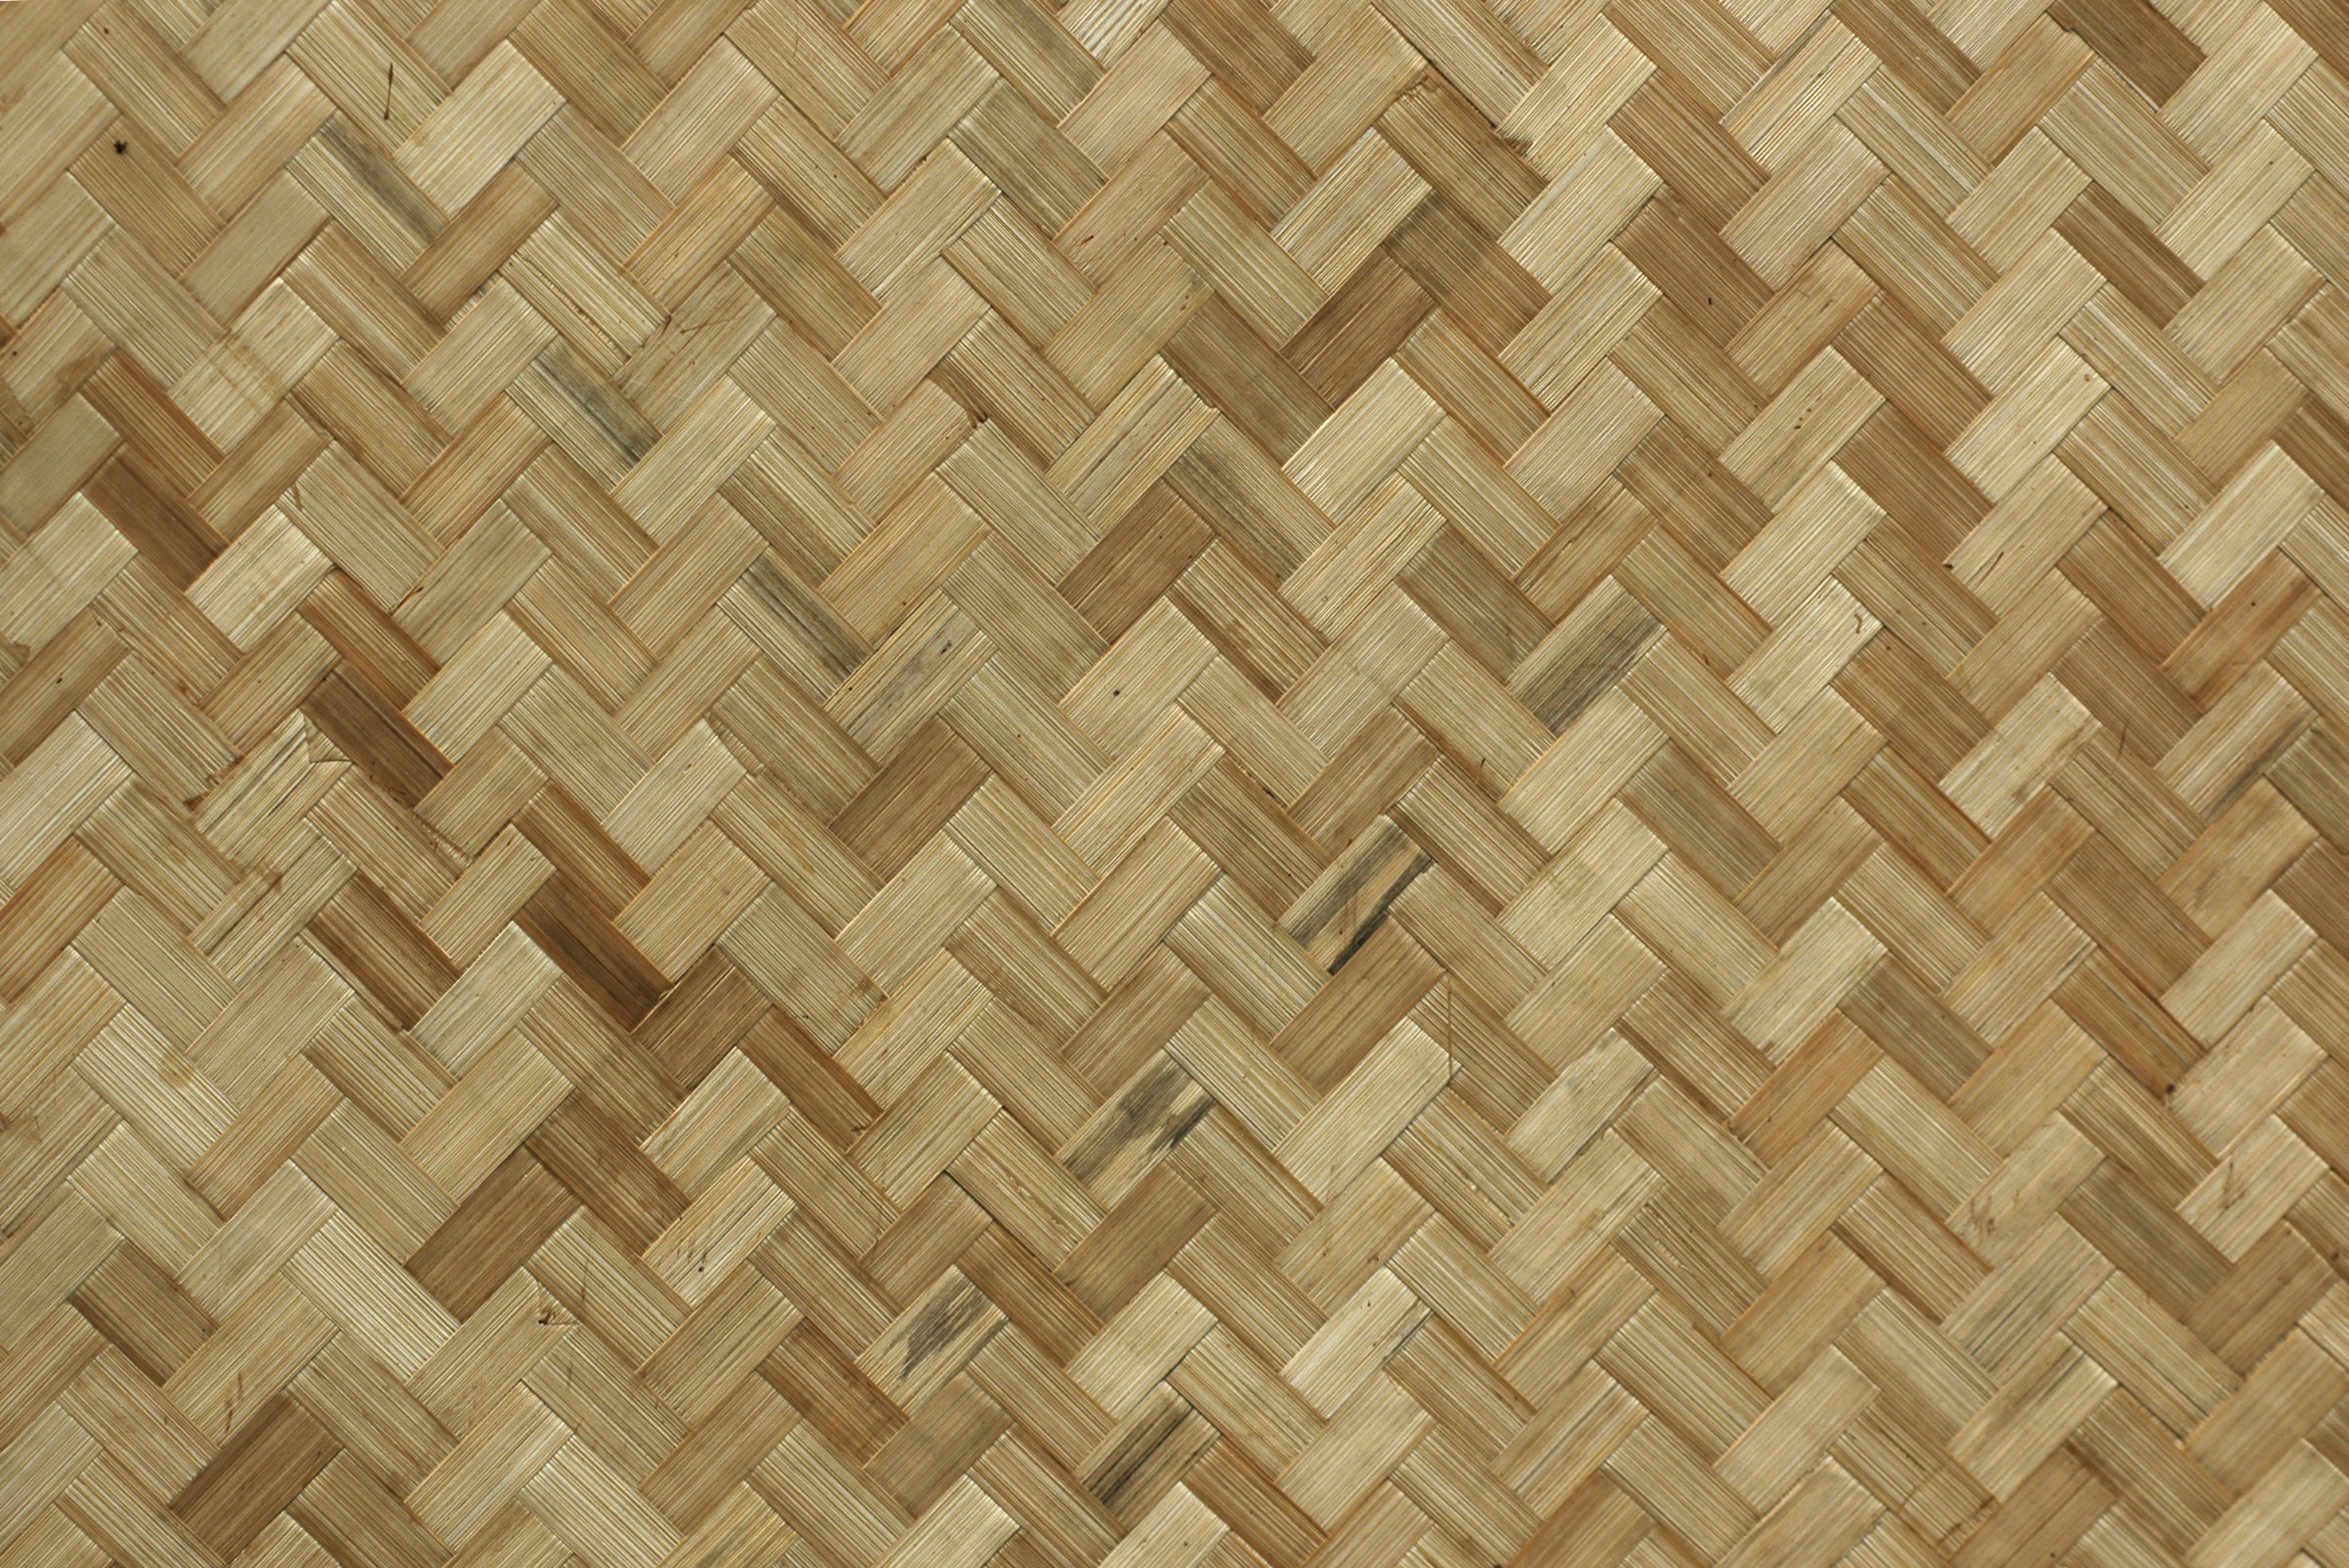 木材-编制品(16)高清贴图【ID:736868297】